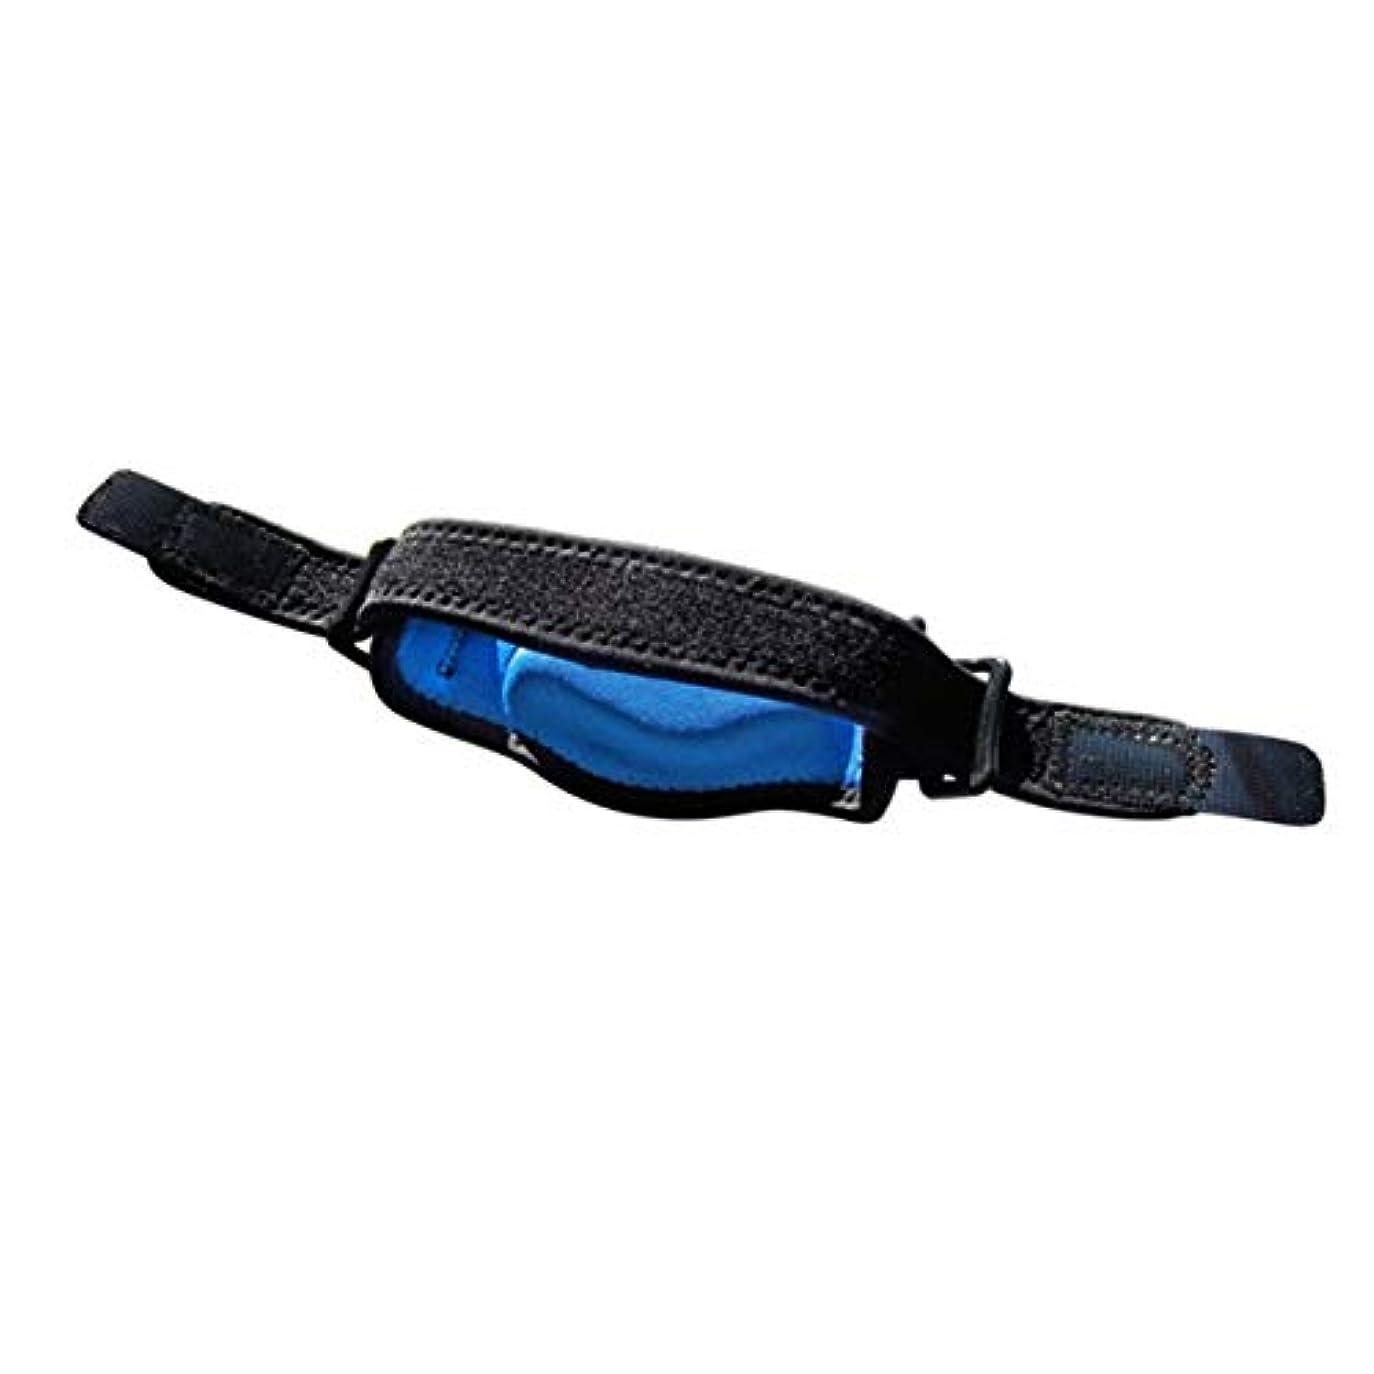 障害実験をするラジエーター調節可能なテニス肘サポートストラップブレースゴルフ前腕痛み緩和